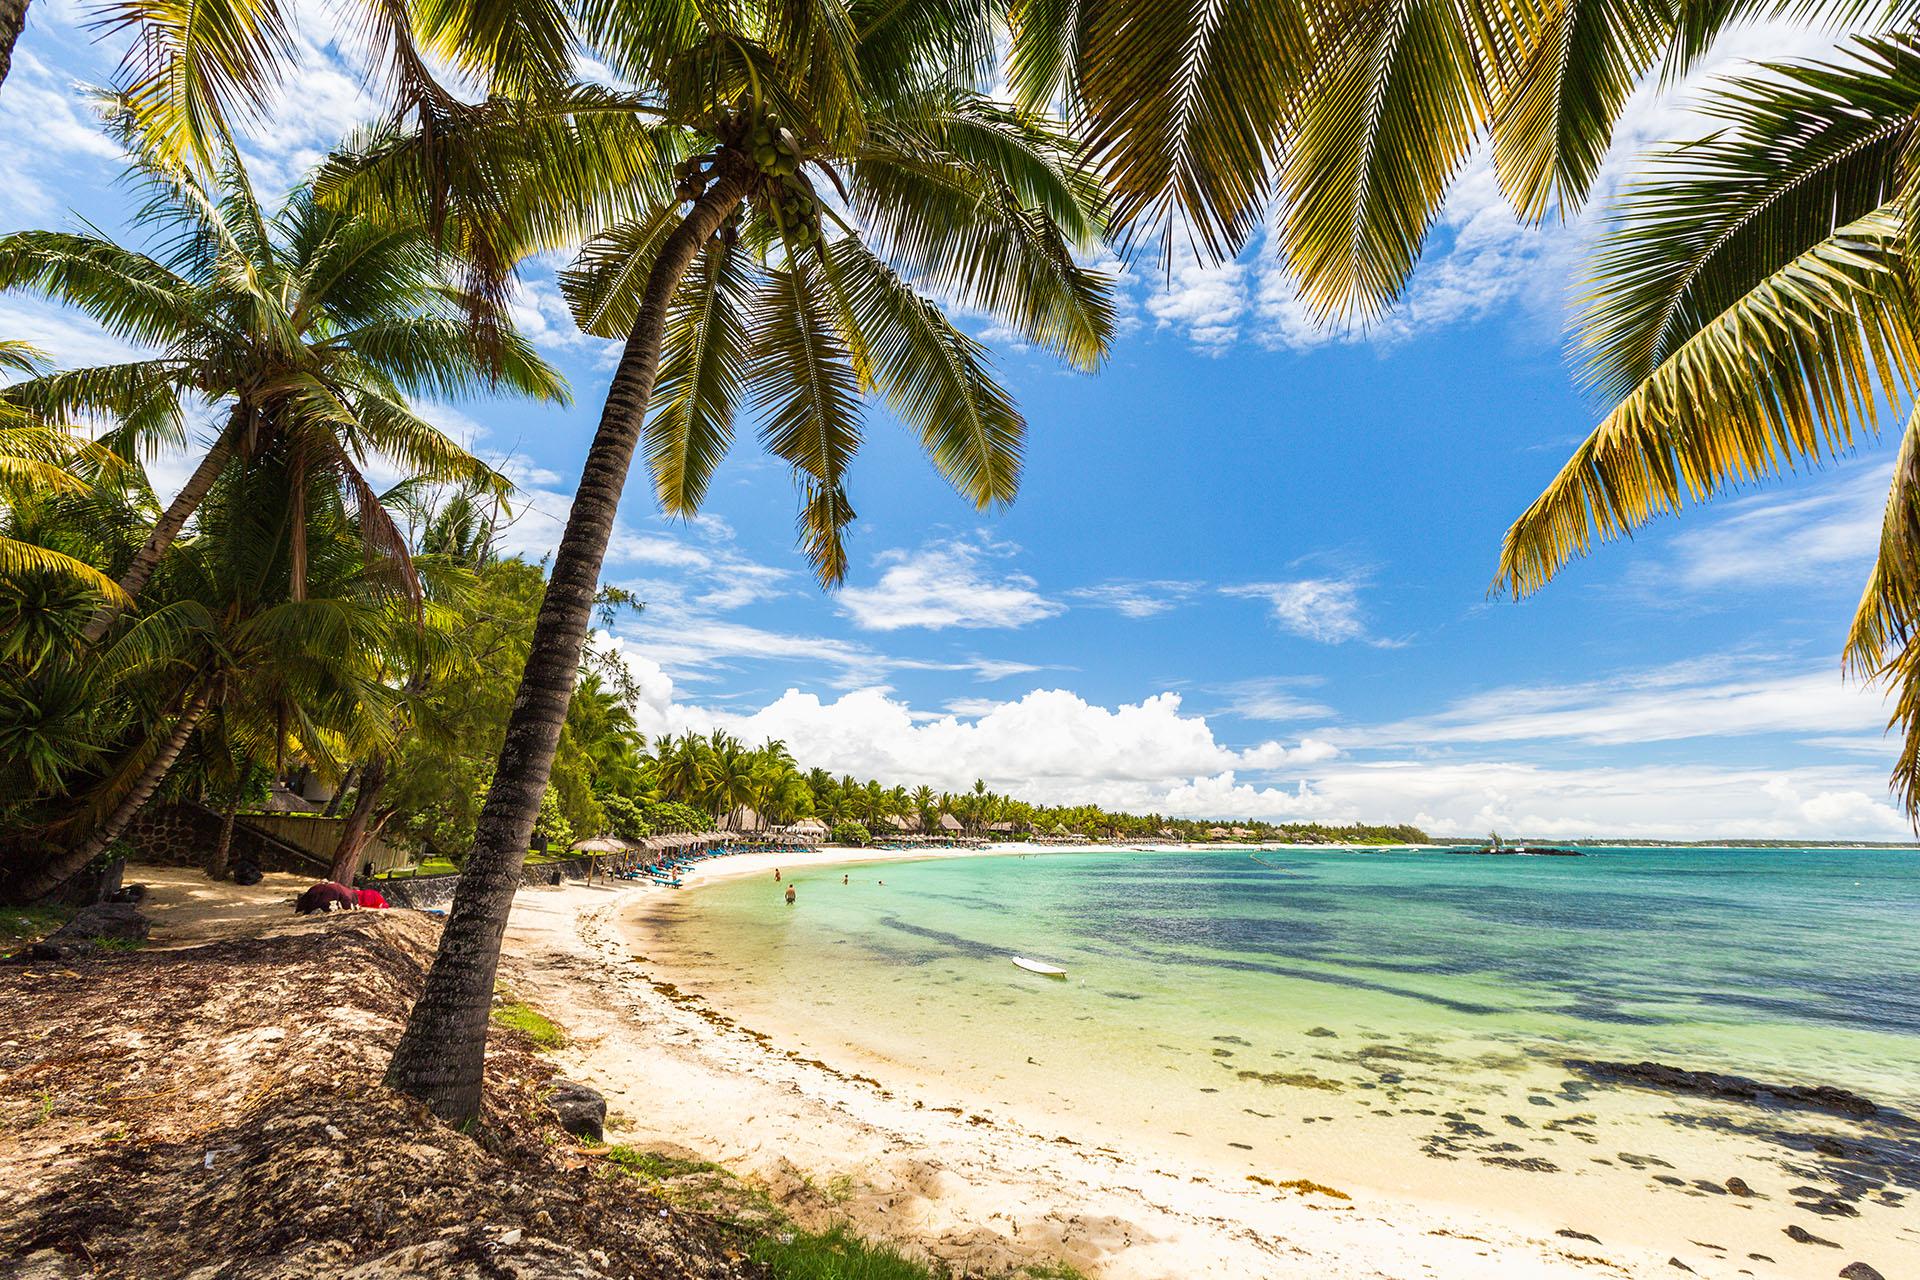 La playa de Belle Mare, en Mauricio, es sinónimo de paraíso. Ubicado en la costa sur de la isla, se encuentra rodeado de naturaleza virgen, con solo unos pocos hoteles y villas de lujo, lo que aclimata mejor la calidez y experiencia del que visita estas tierras